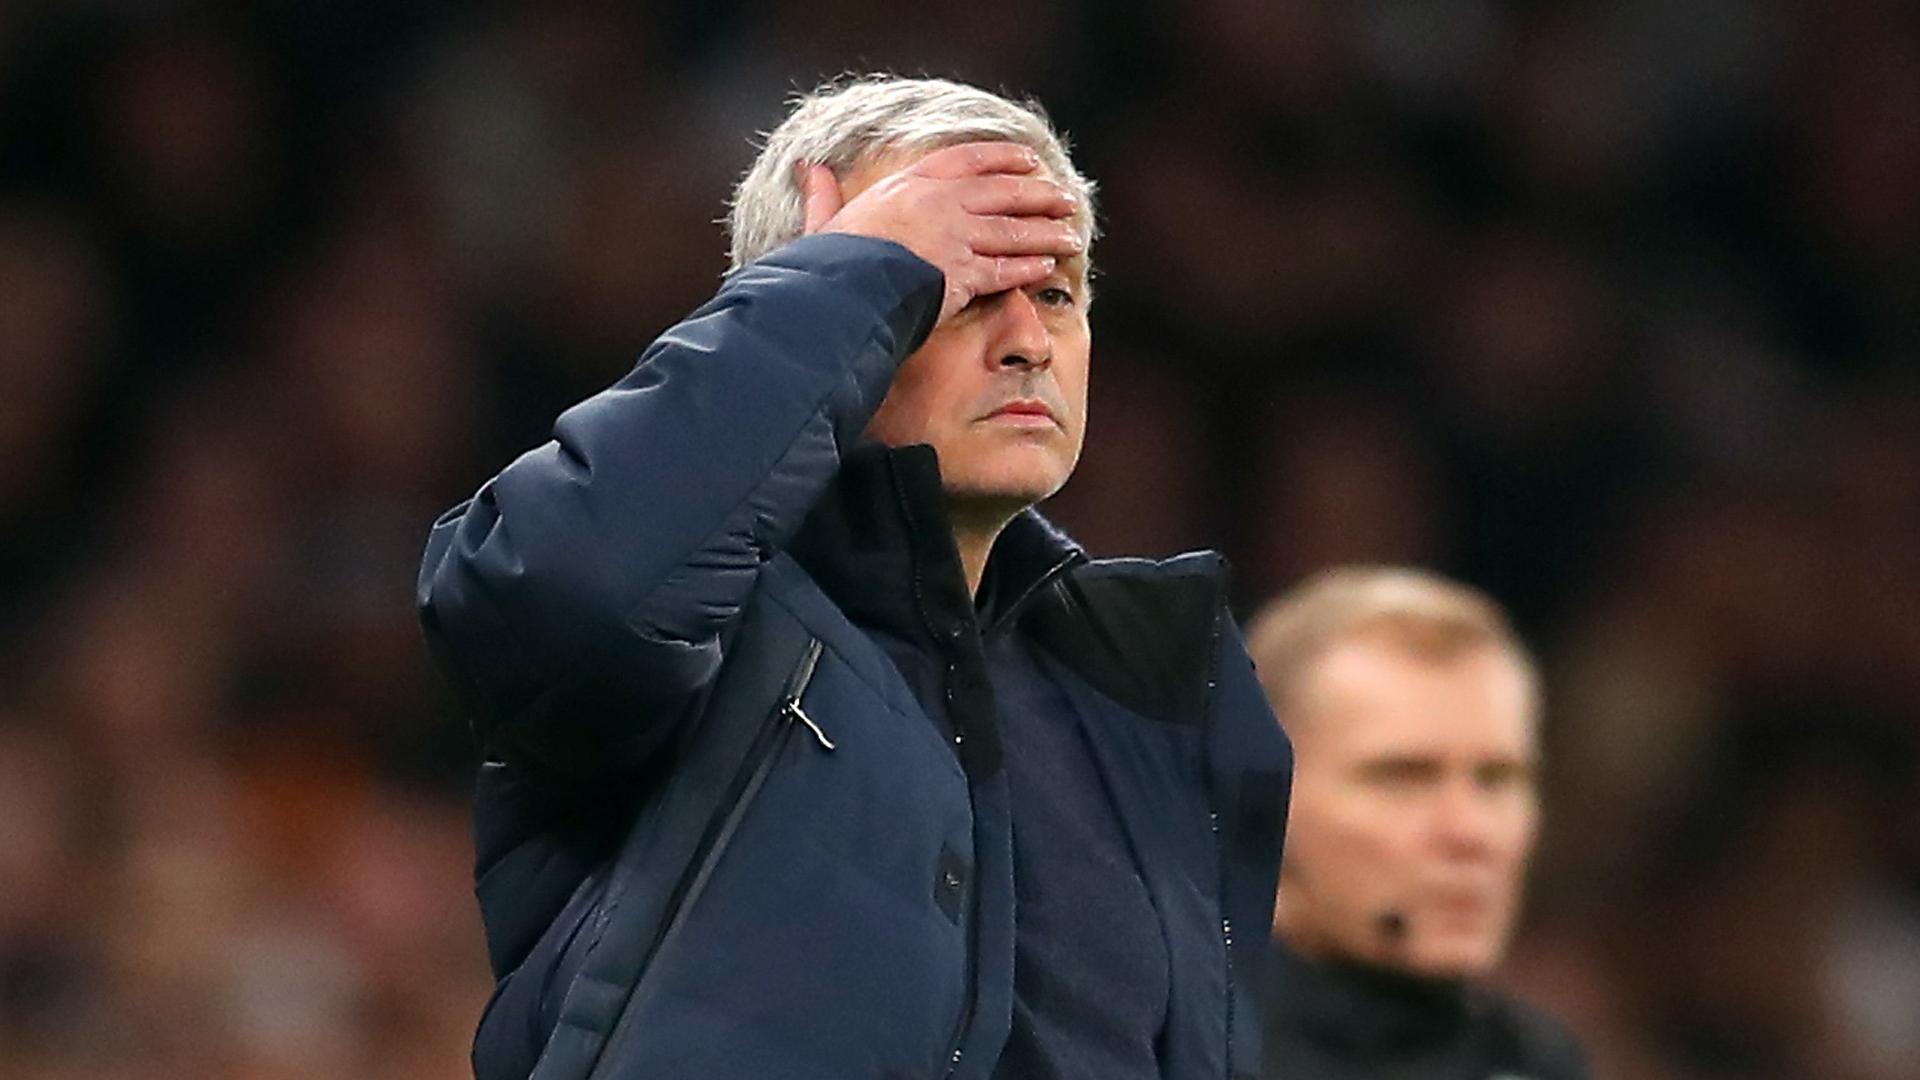 """Tip.mobi tổng hợp: Bị gọi là """"Mourinho càu nhàu"""", Người đặc biệt lên tiếng"""